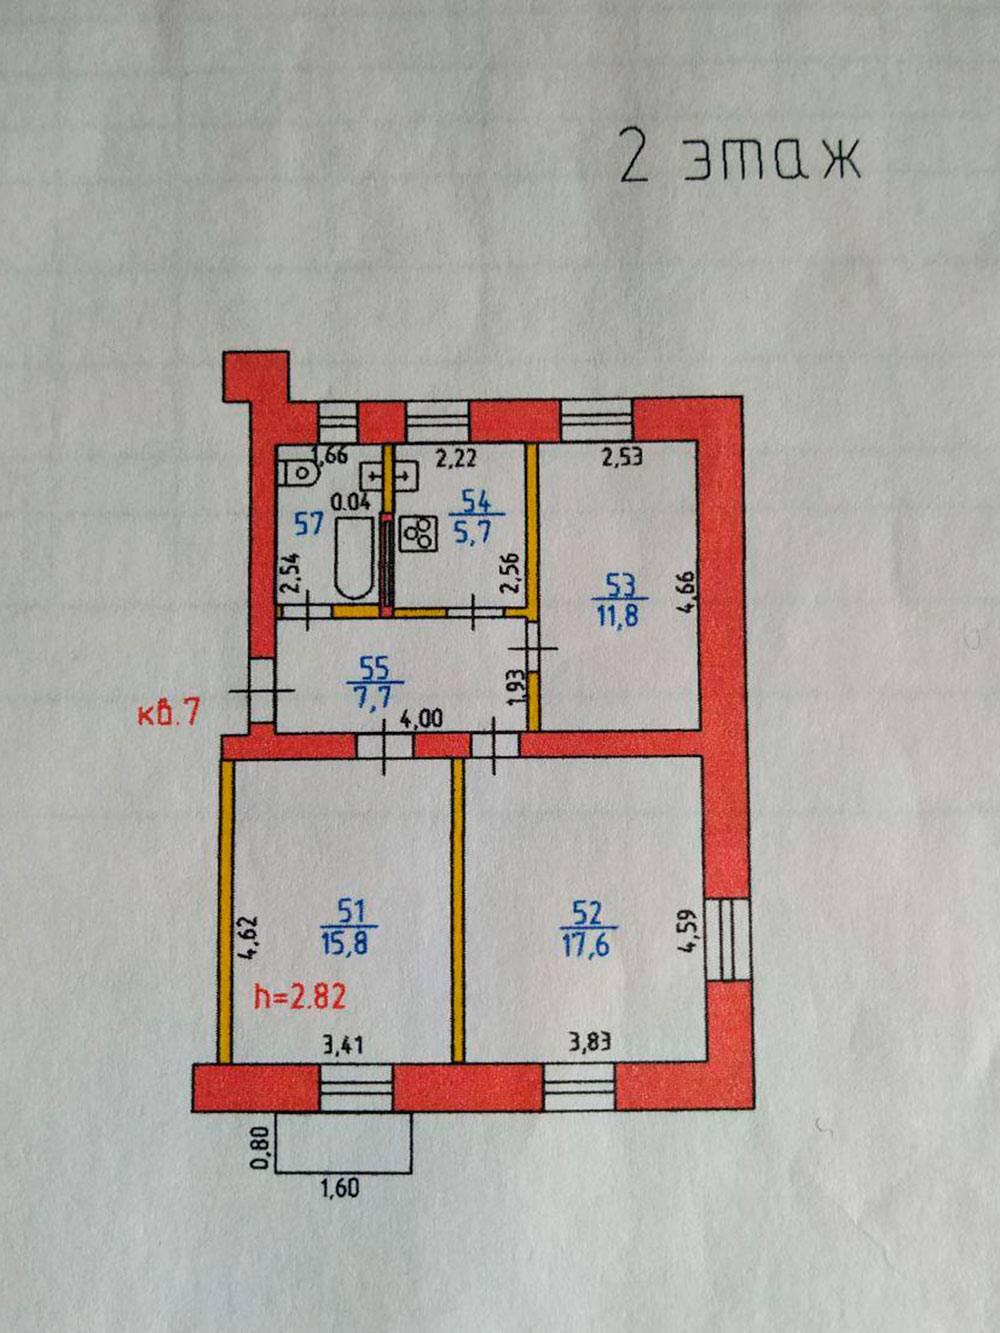 План квартиры из техпаспорта. Нам осталось выкупить самую большую комнату